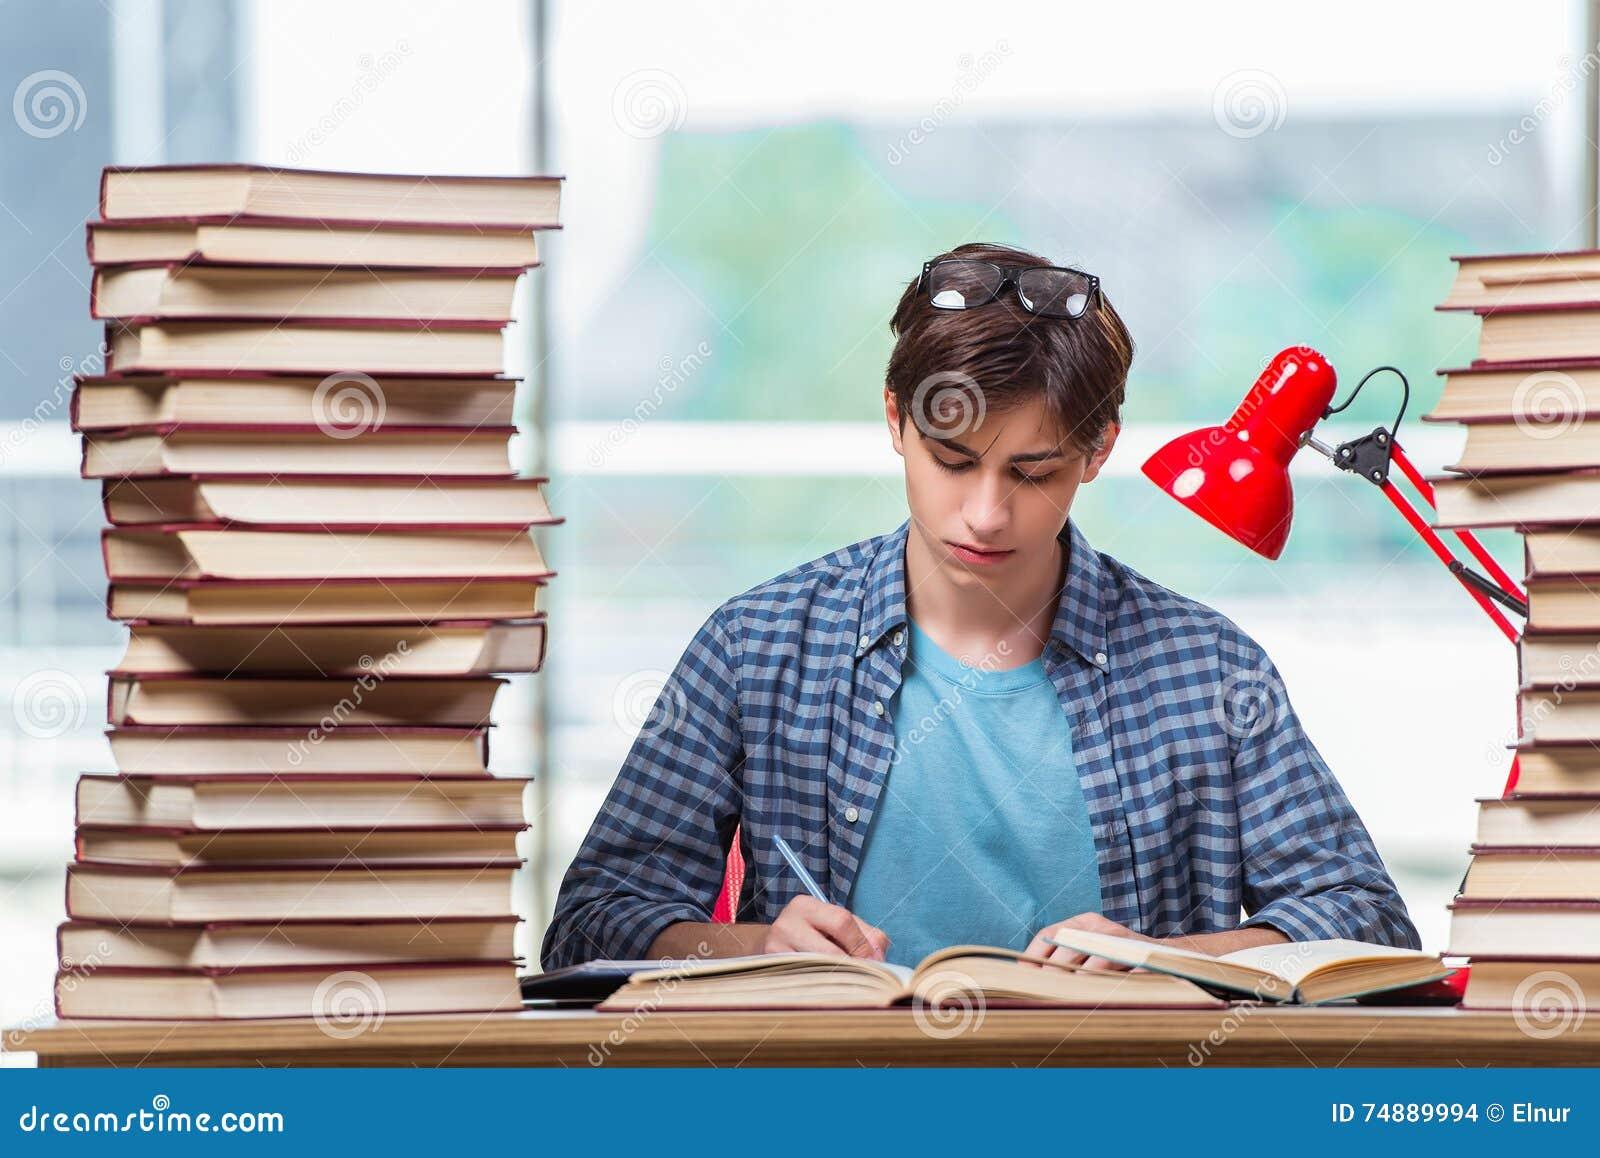 Der junge Student unter Druck vor Prüfungen